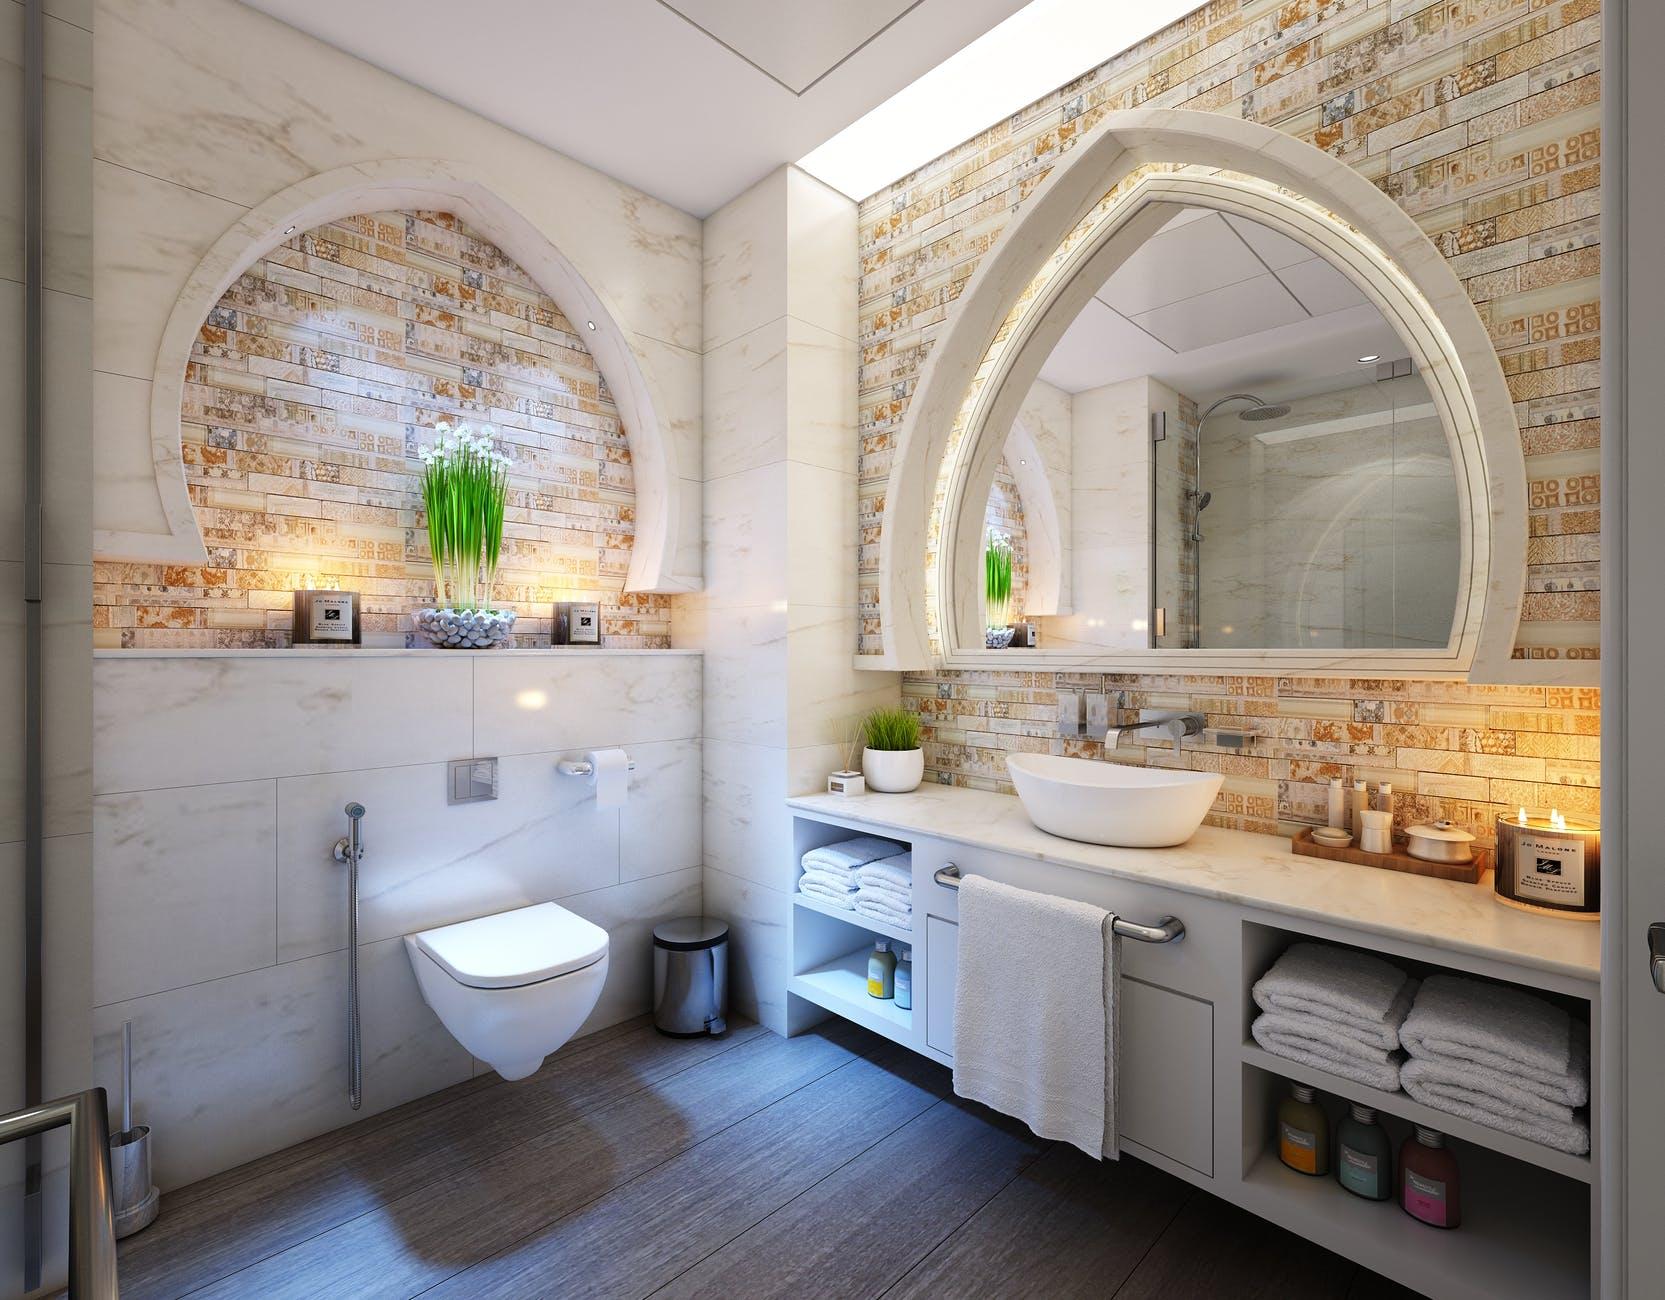 Scegliere il pavimento ideale per il bagno